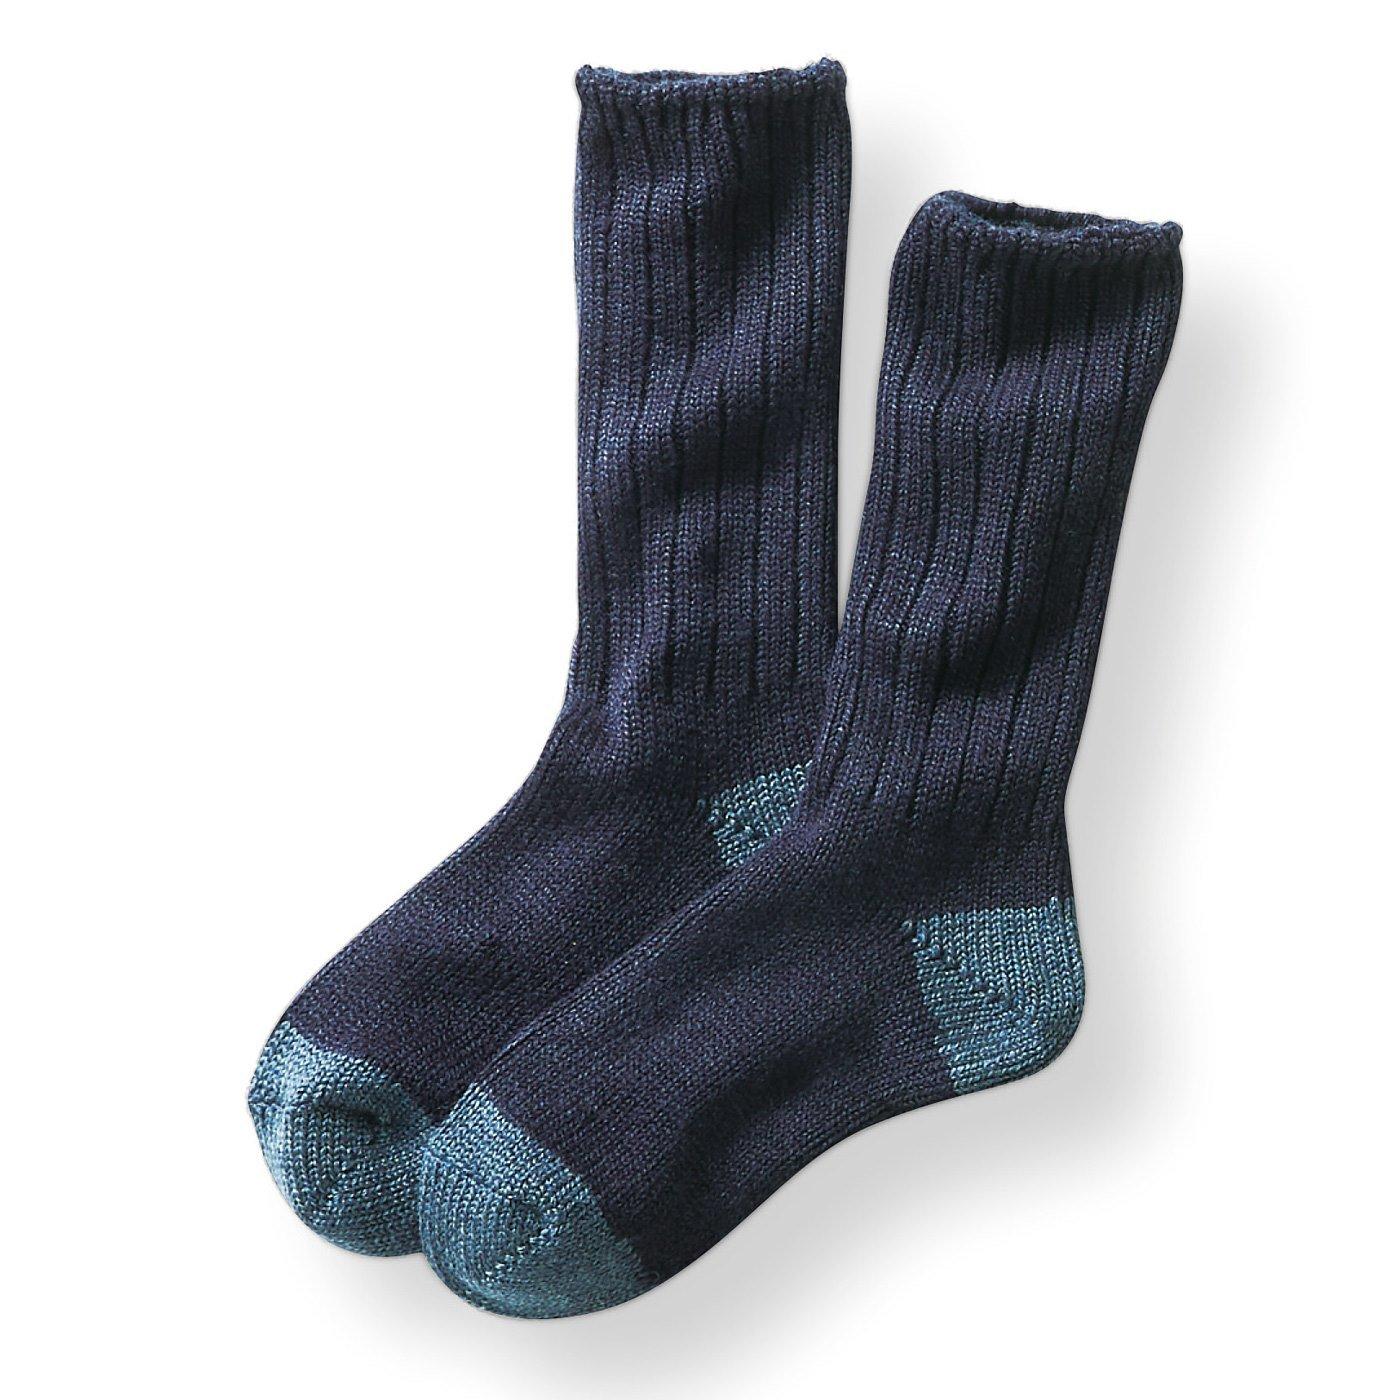 古着屋さんで見つけたようなウール混ざっくり靴下〈ネイビー〉